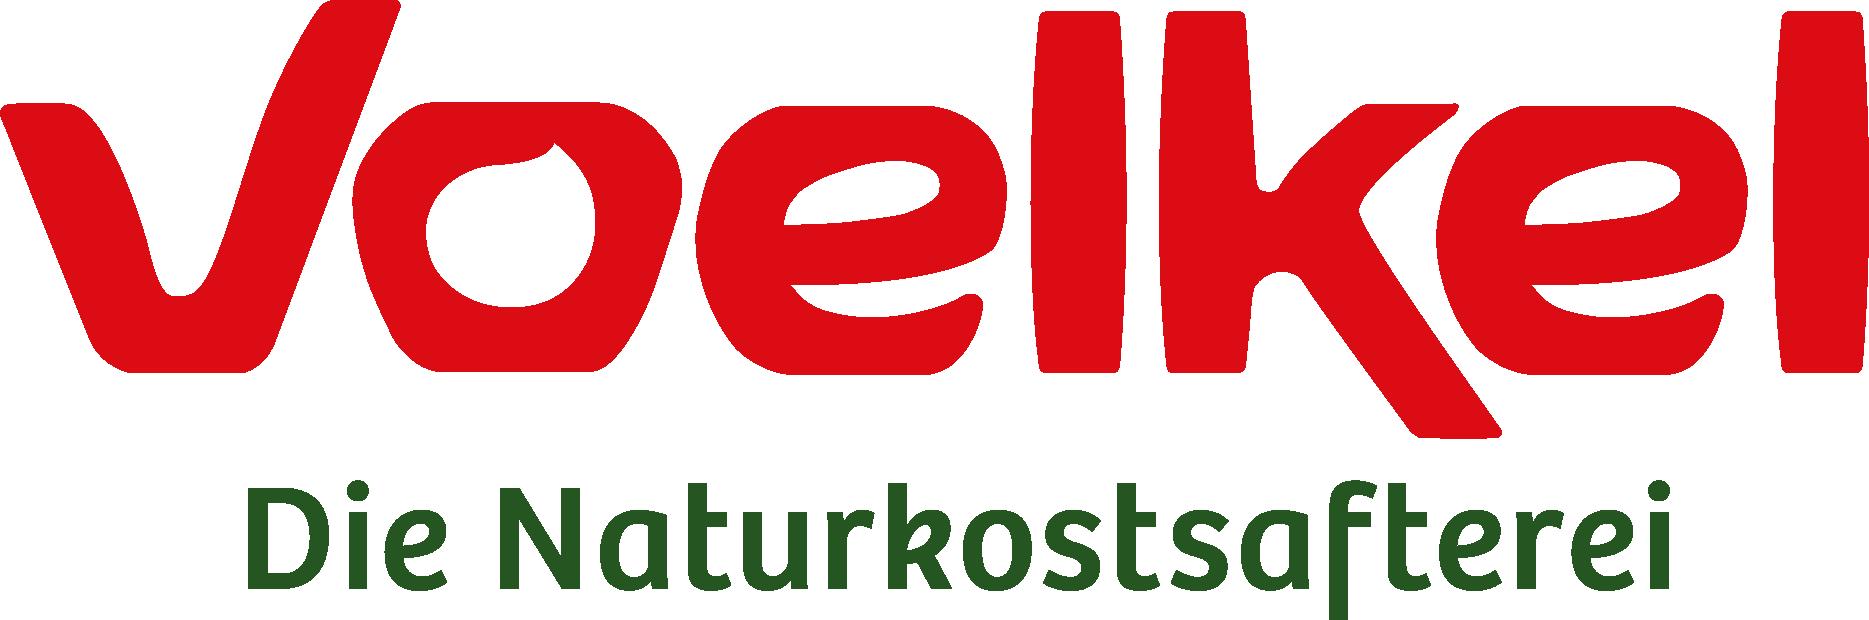 Voelkel, Winterpunsch vegan, Winterpunsch alkoholfrei, Voelkel-Säfte, Biosäfte, Säfte aus Deutschland, Voelkel Interview